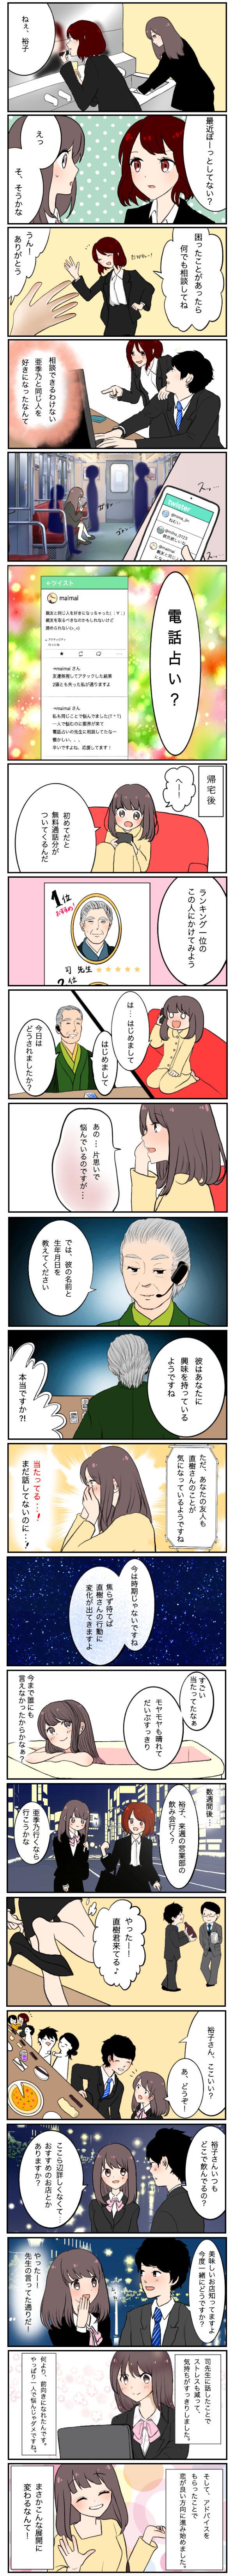 漫画-片思い・裕子の場合